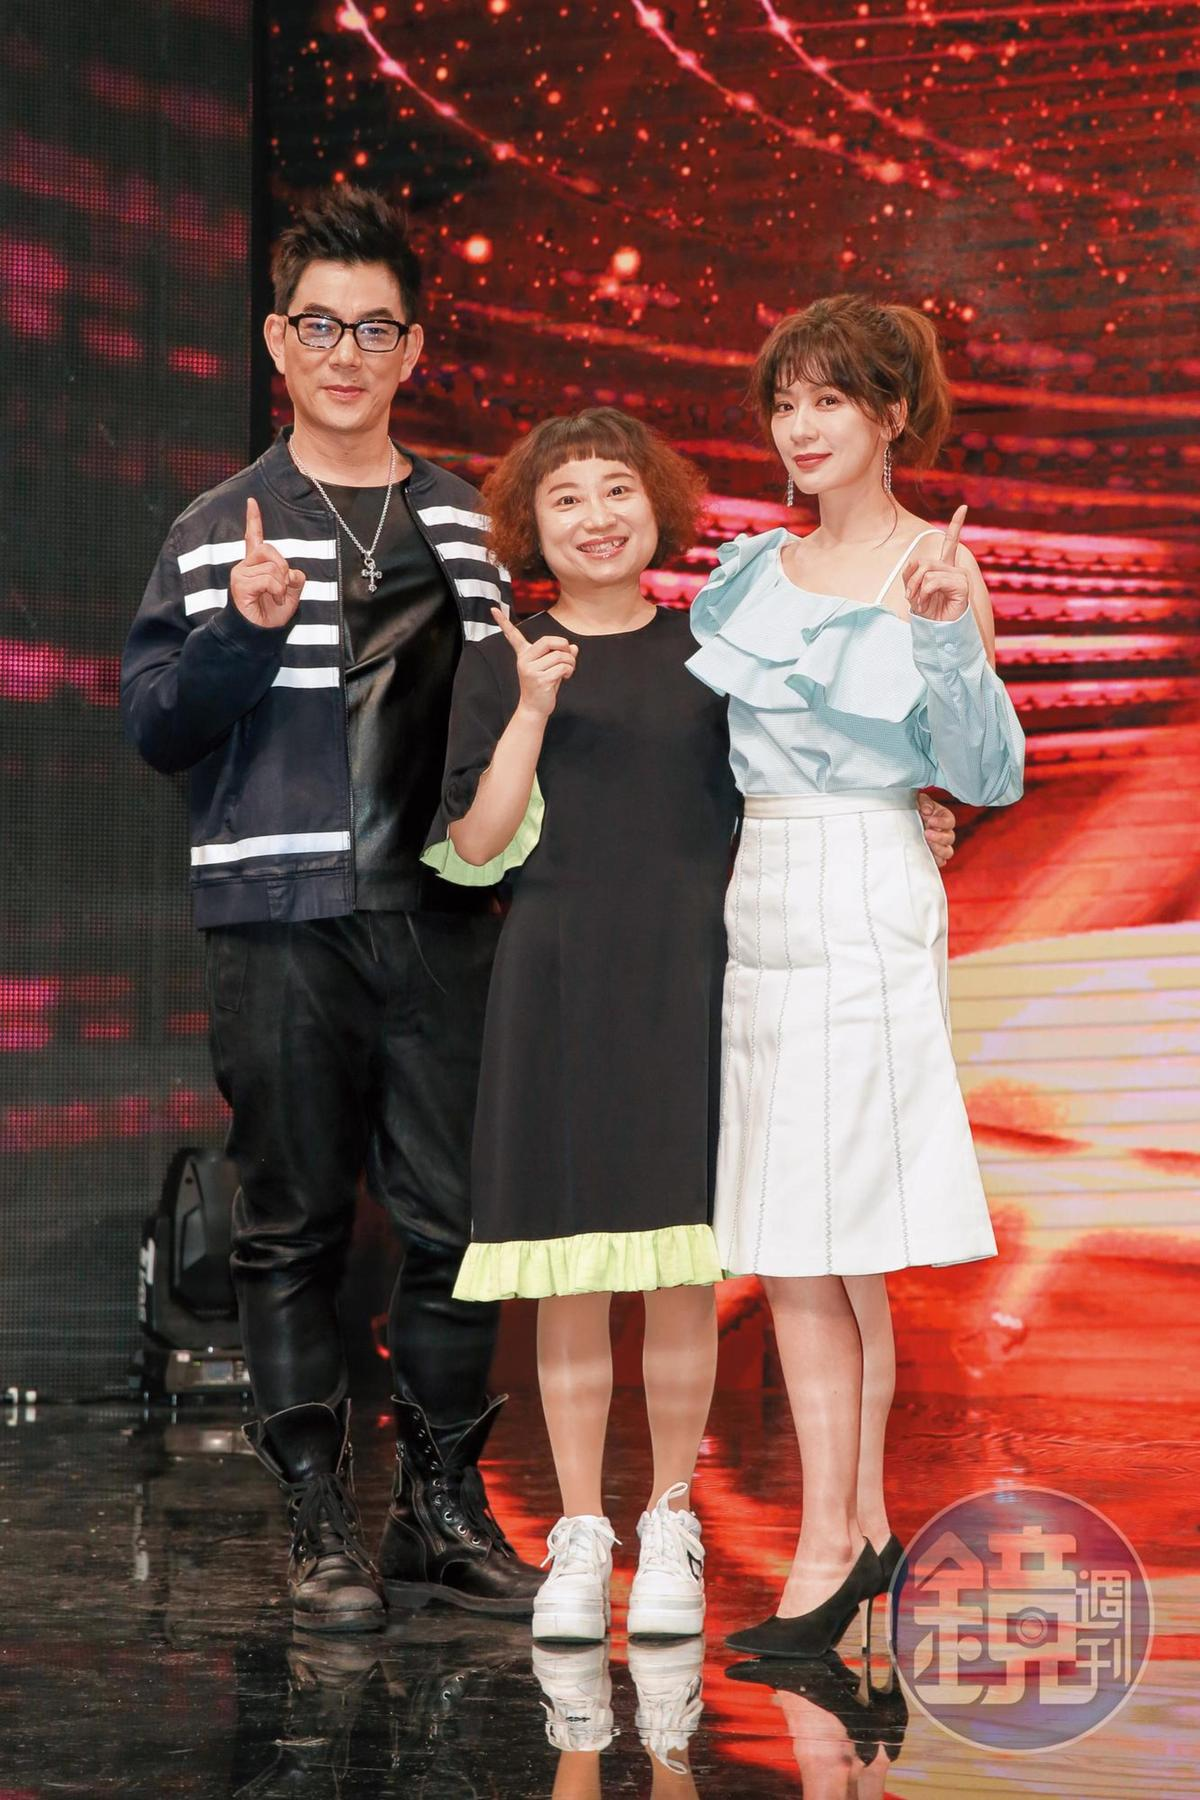 《我要當女一》是為大陸作家饒雪漫(中)的小說《唱情歌》徵選網劇女主角,她為節目特地來台,與任賢齊(左起)、賈靜雯當評審。